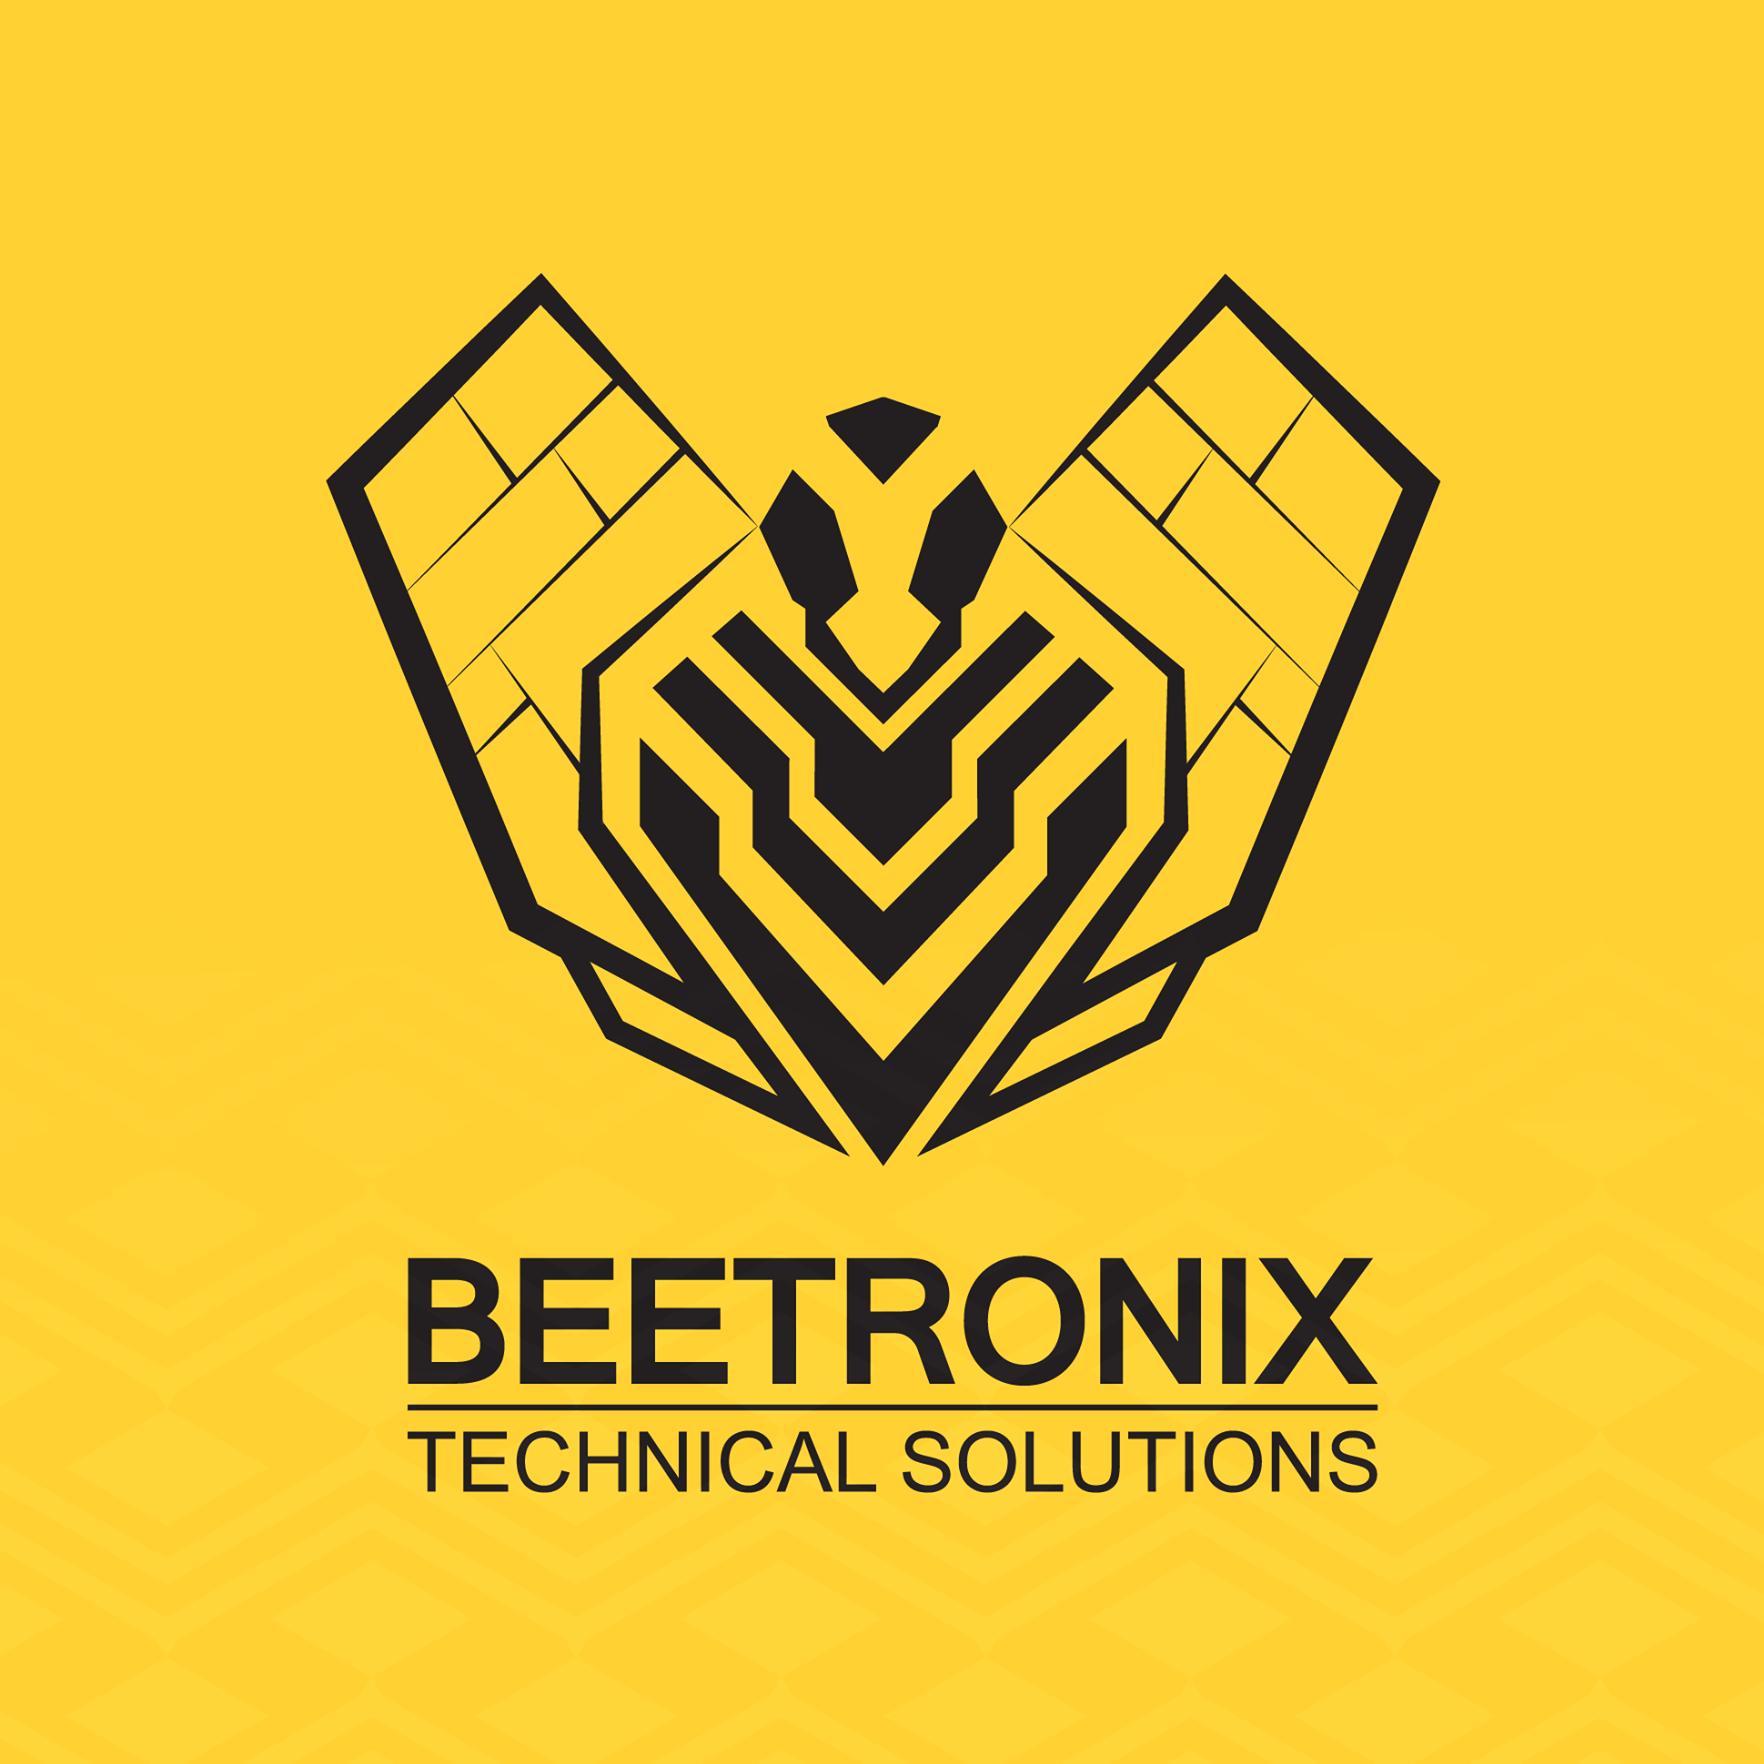 شركة بيترونكس  - Beetronix